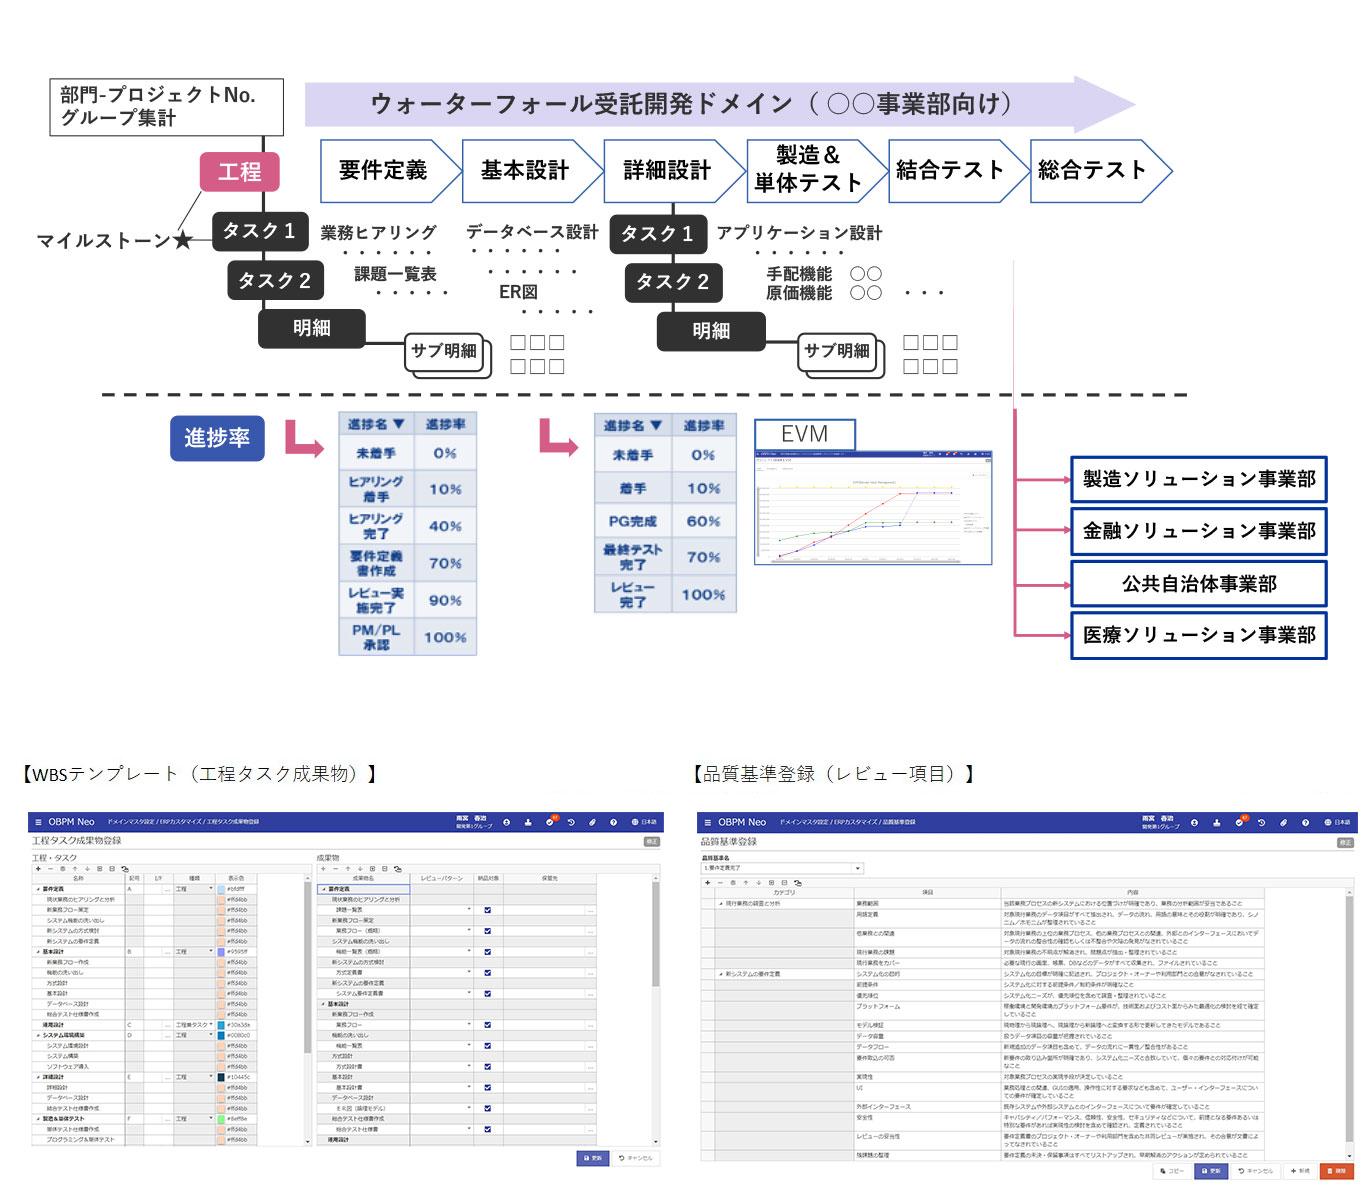 ドメイン(テンプレート)を利用して組織でプロジェクトの標準化